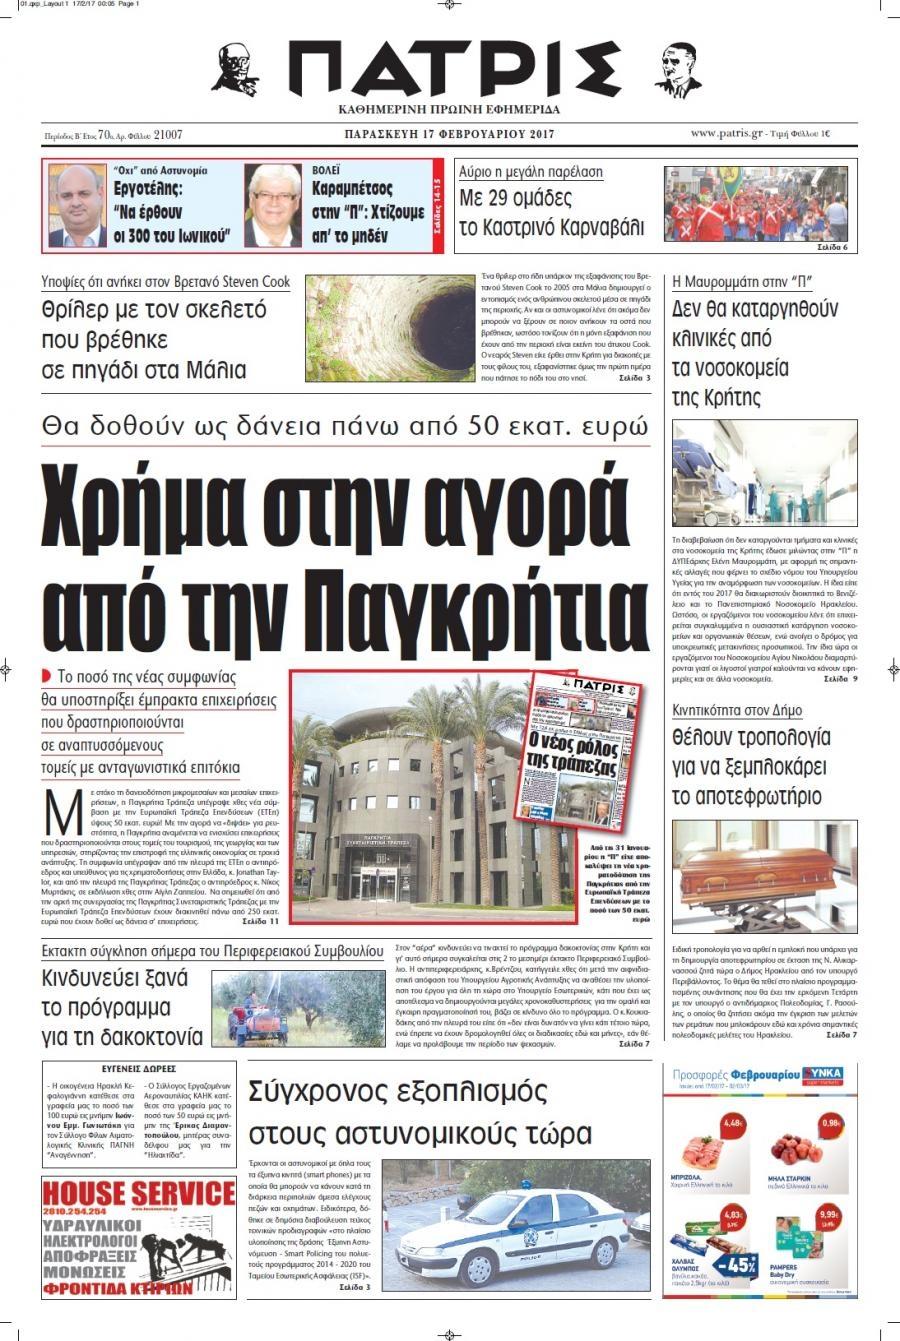 Πρωτοσέλιδο εφημερίδας Πατρίς